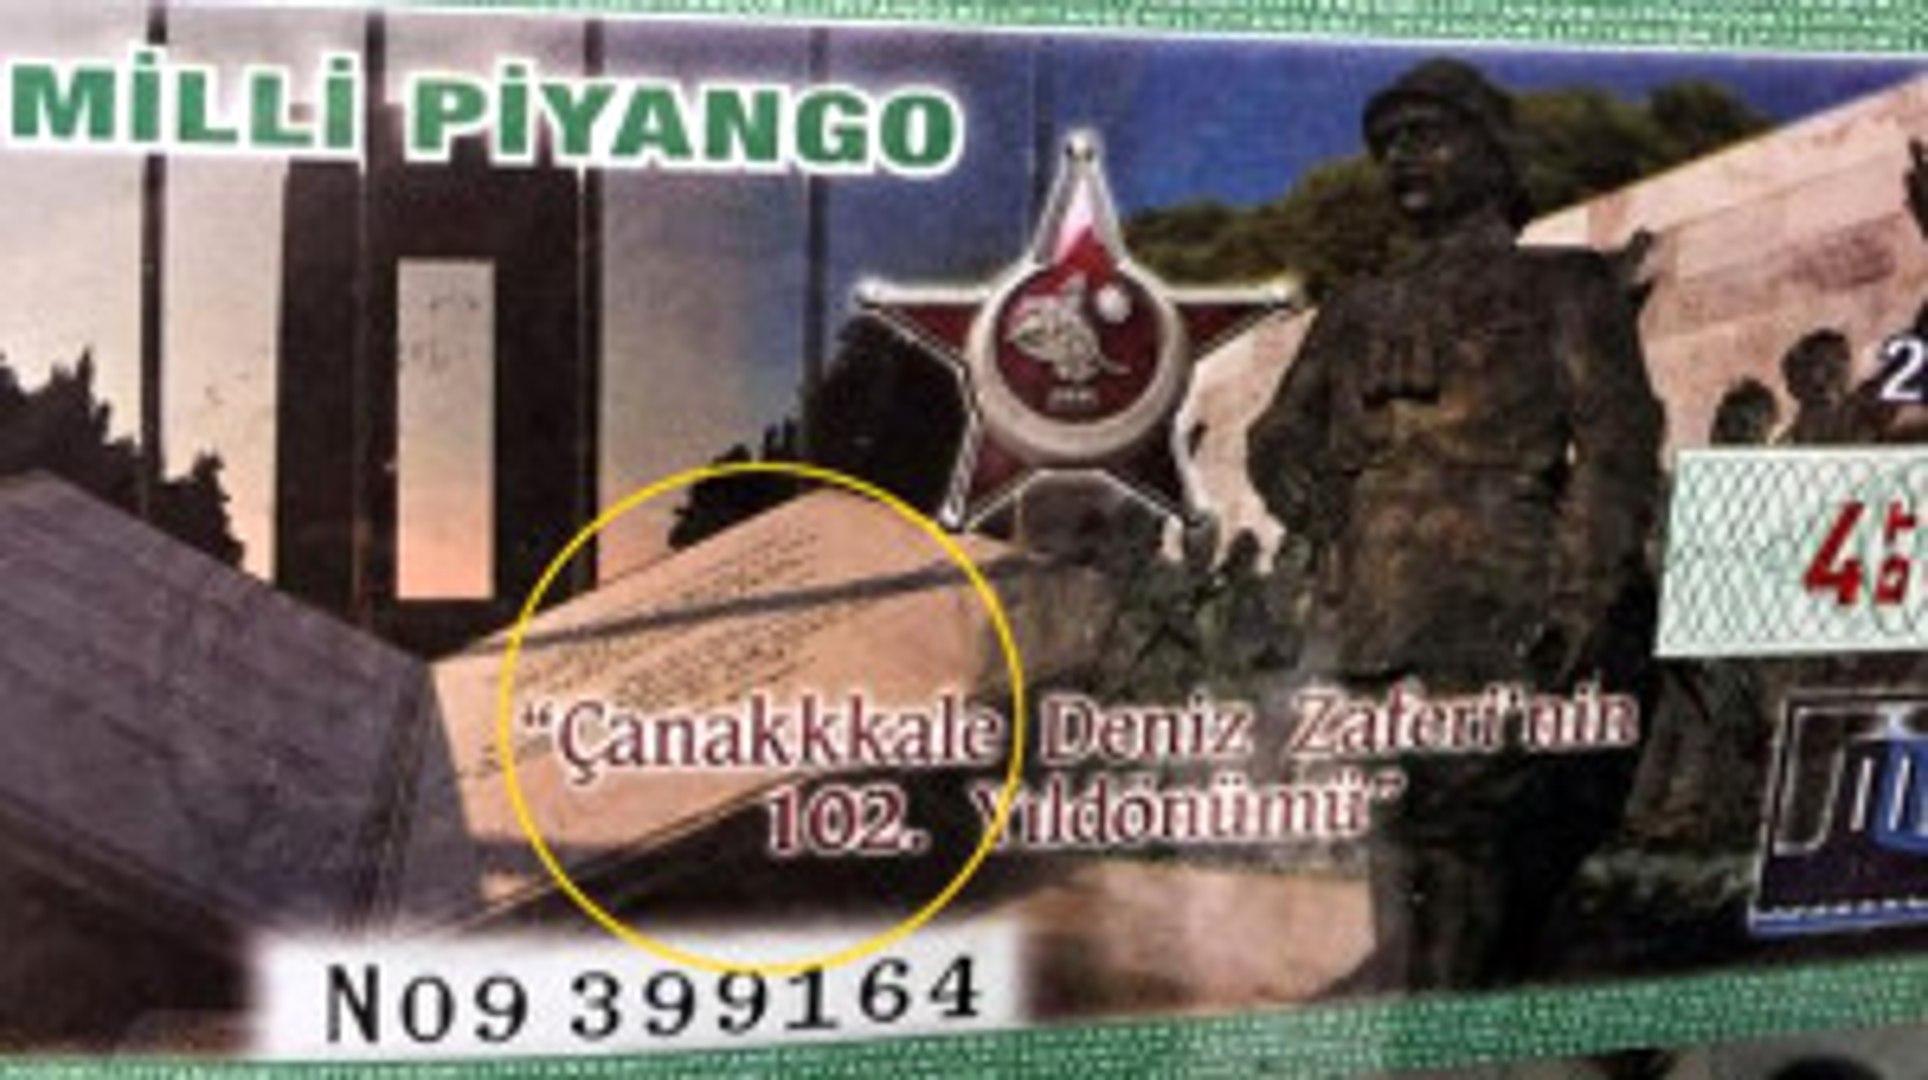 1 Milyon Milli Piyango Biletinde Skandal Hata! Çanakkale Yazısını Yanlış Yazdılar